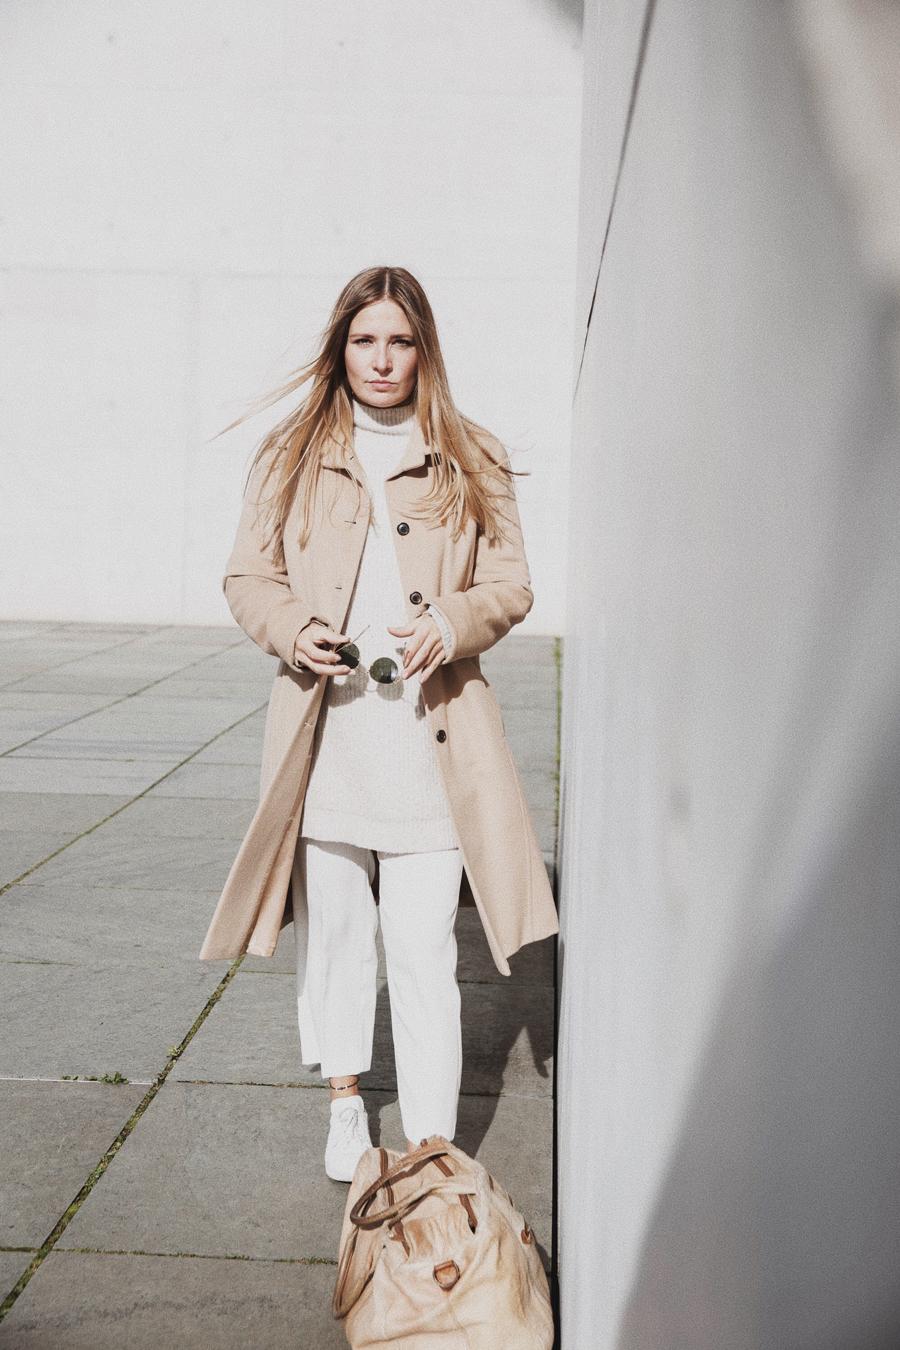 streetstyle-fashionblogger-camel-coat-romina-mey-hairstyle